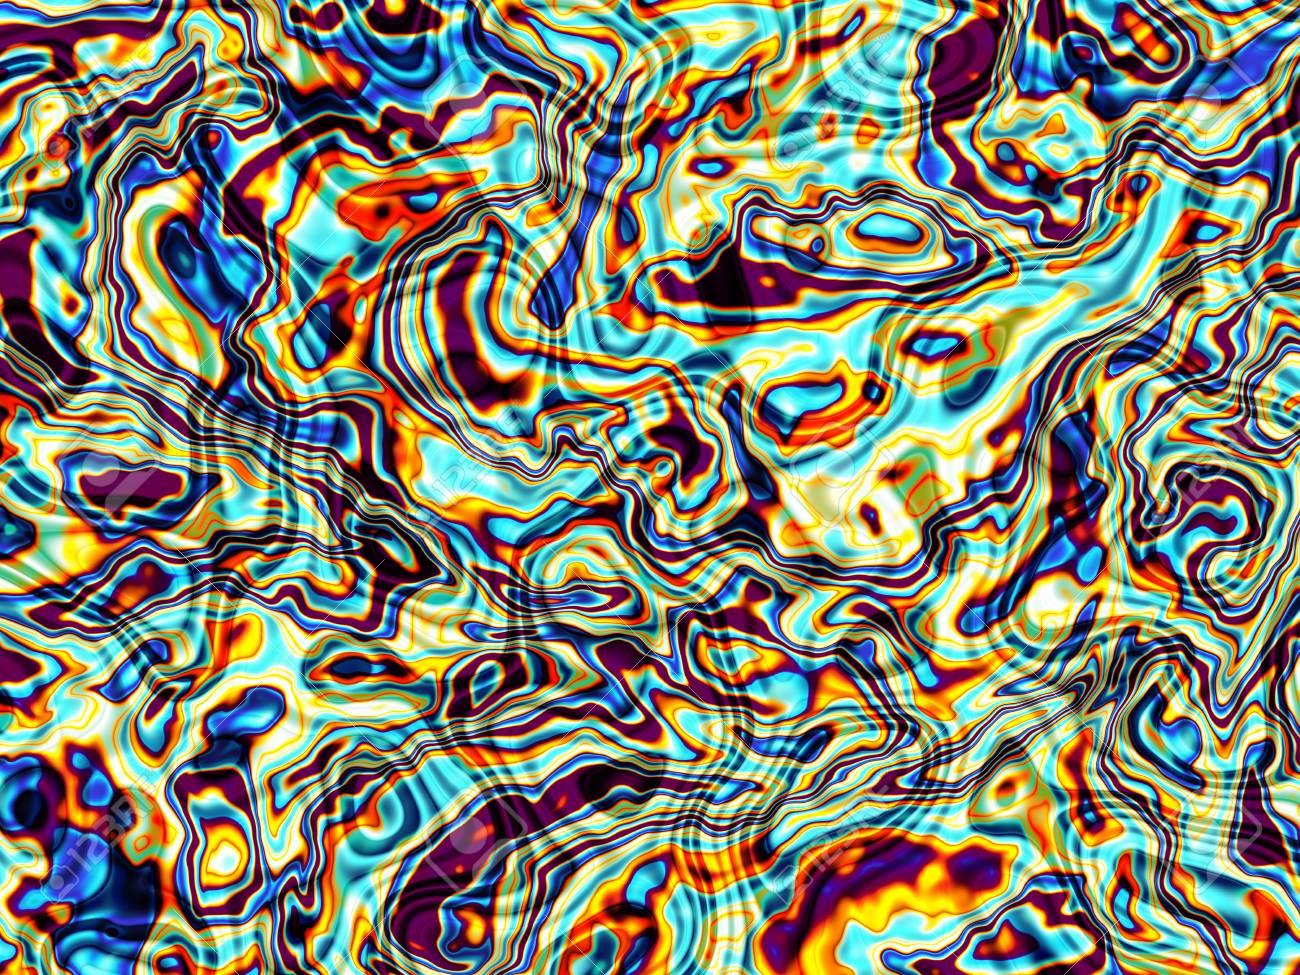 Immagini Stock Orizzontale Sfondo Astratto In Stile Arte Digitale